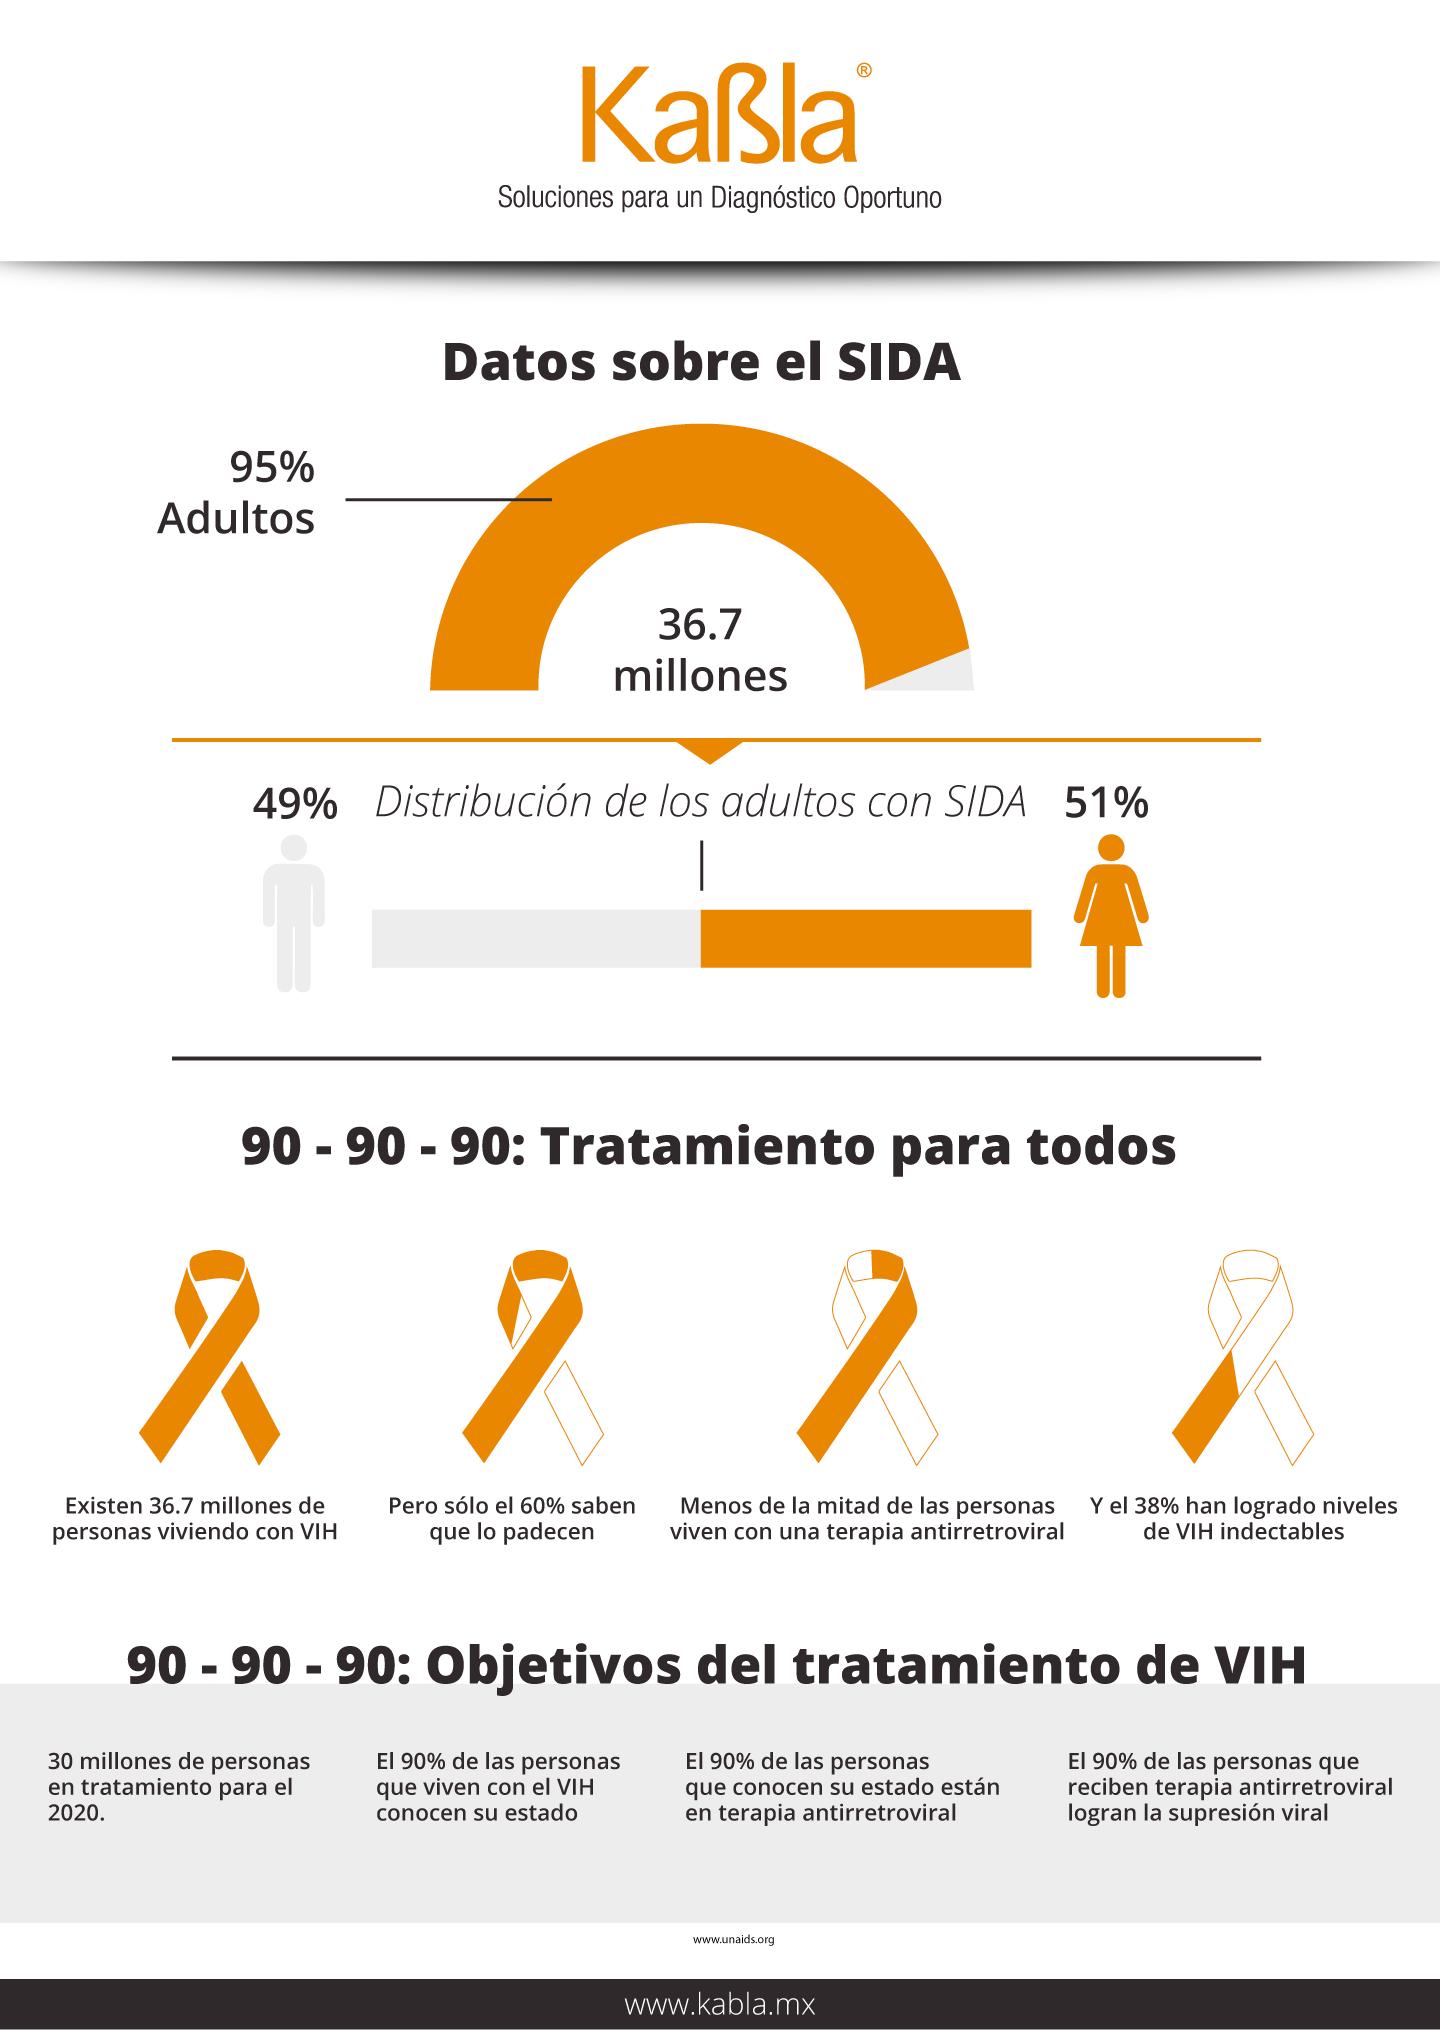 datos-sobre-el-sida-90-90-90